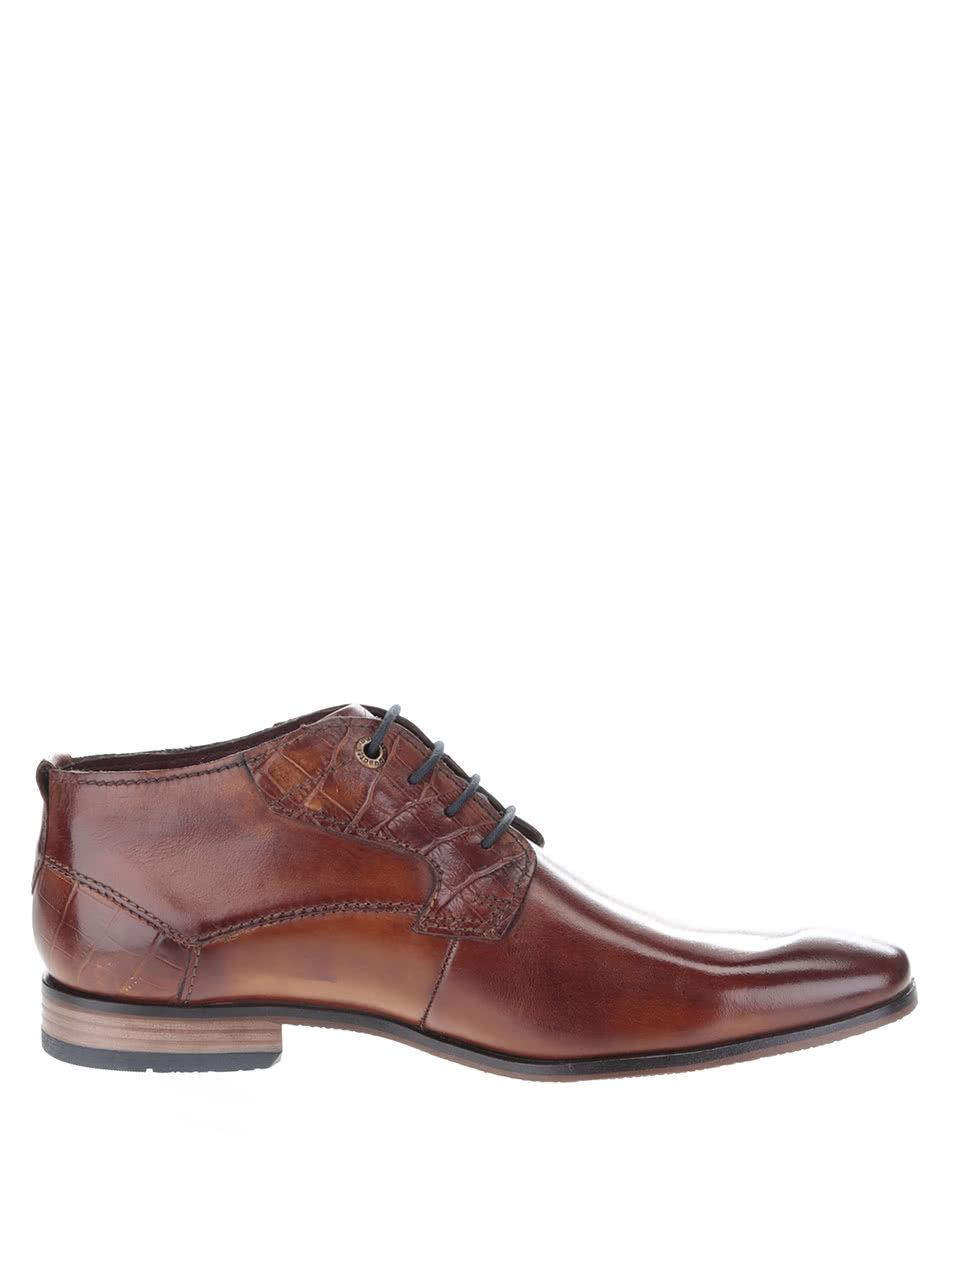 79e10ab99b Hnědé pánské kožené kotníkové boty bugatti Remigio ...